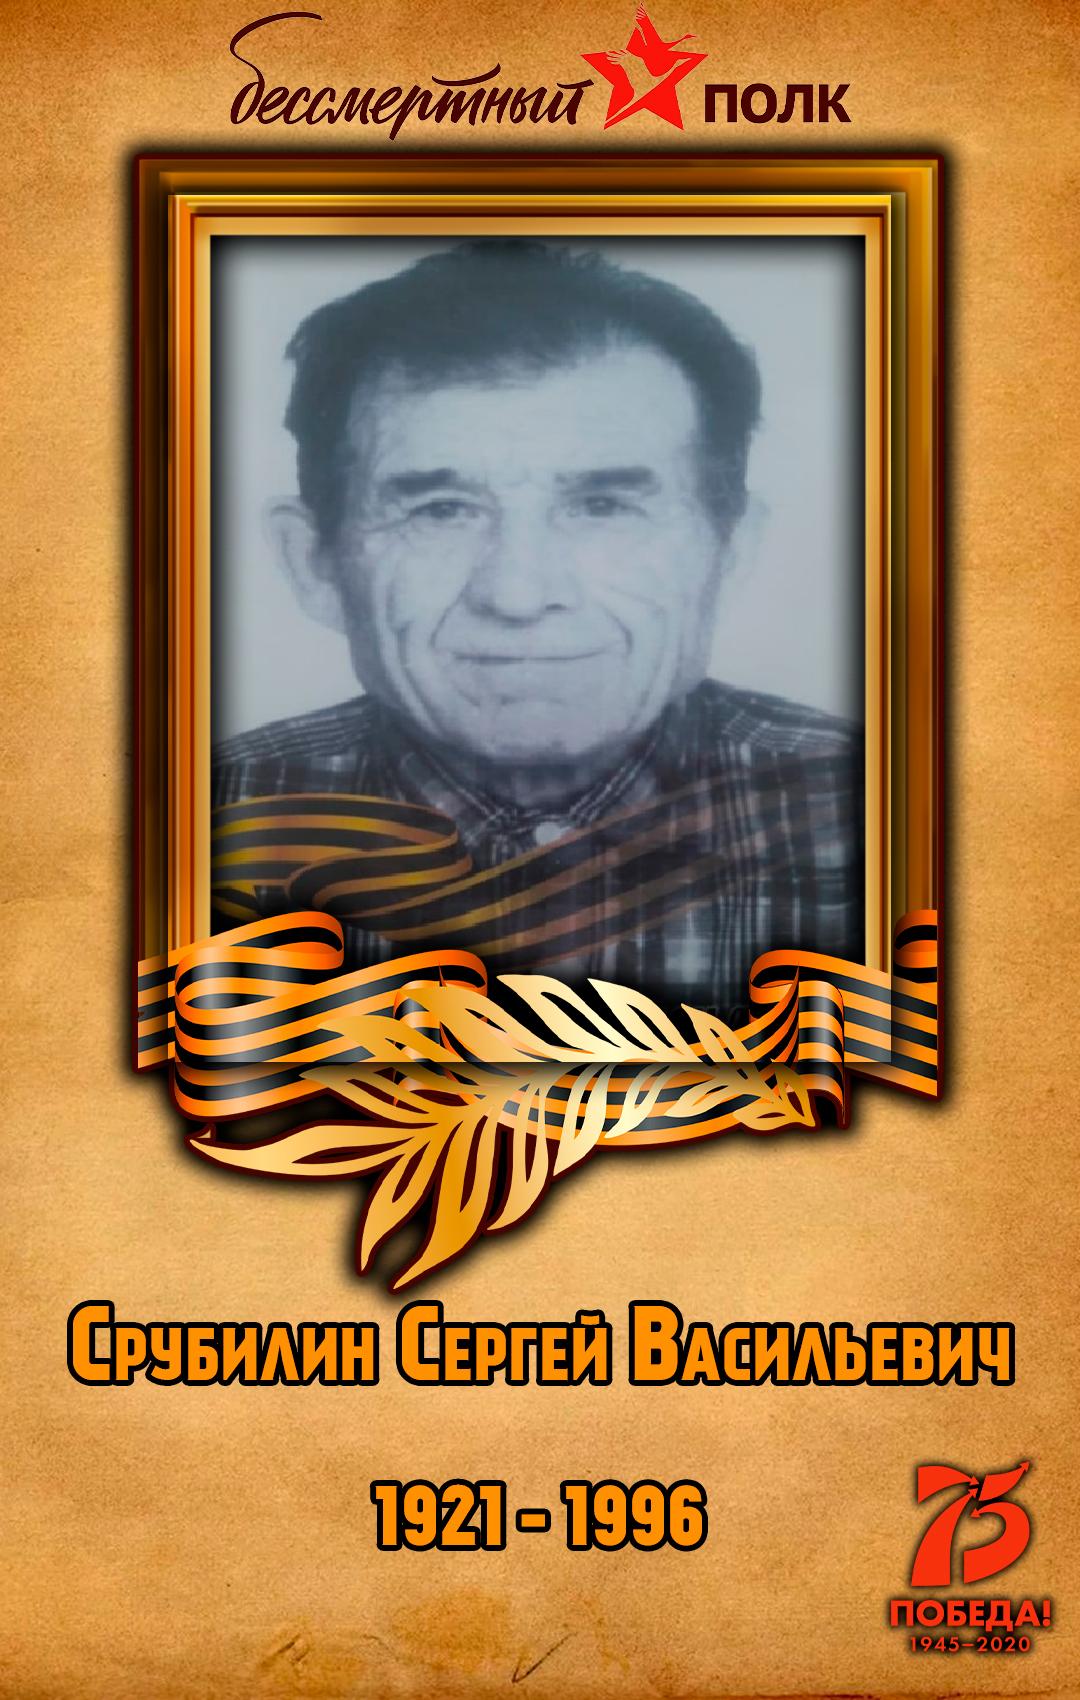 Срубилин-Сергей-Васильевич